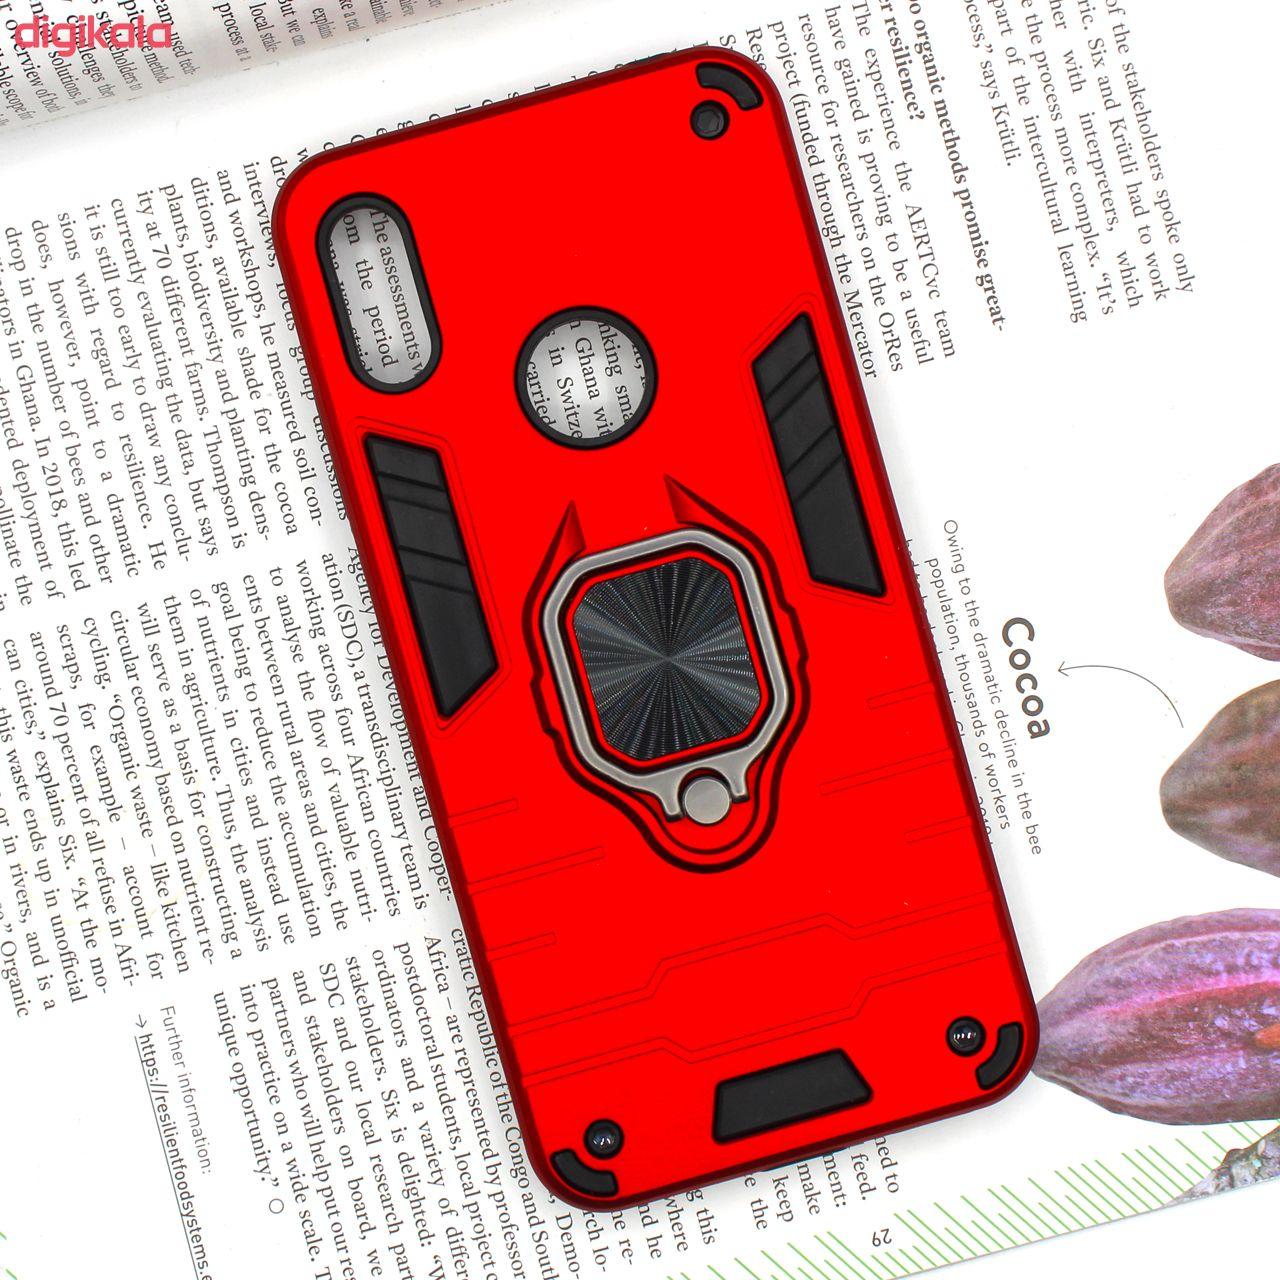 کاور کینگ پاور مدل ASH22 مناسب برای گوشی موبایل هوآوی Y6 Prime 2019 / Y6S / آنر 8A main 1 5